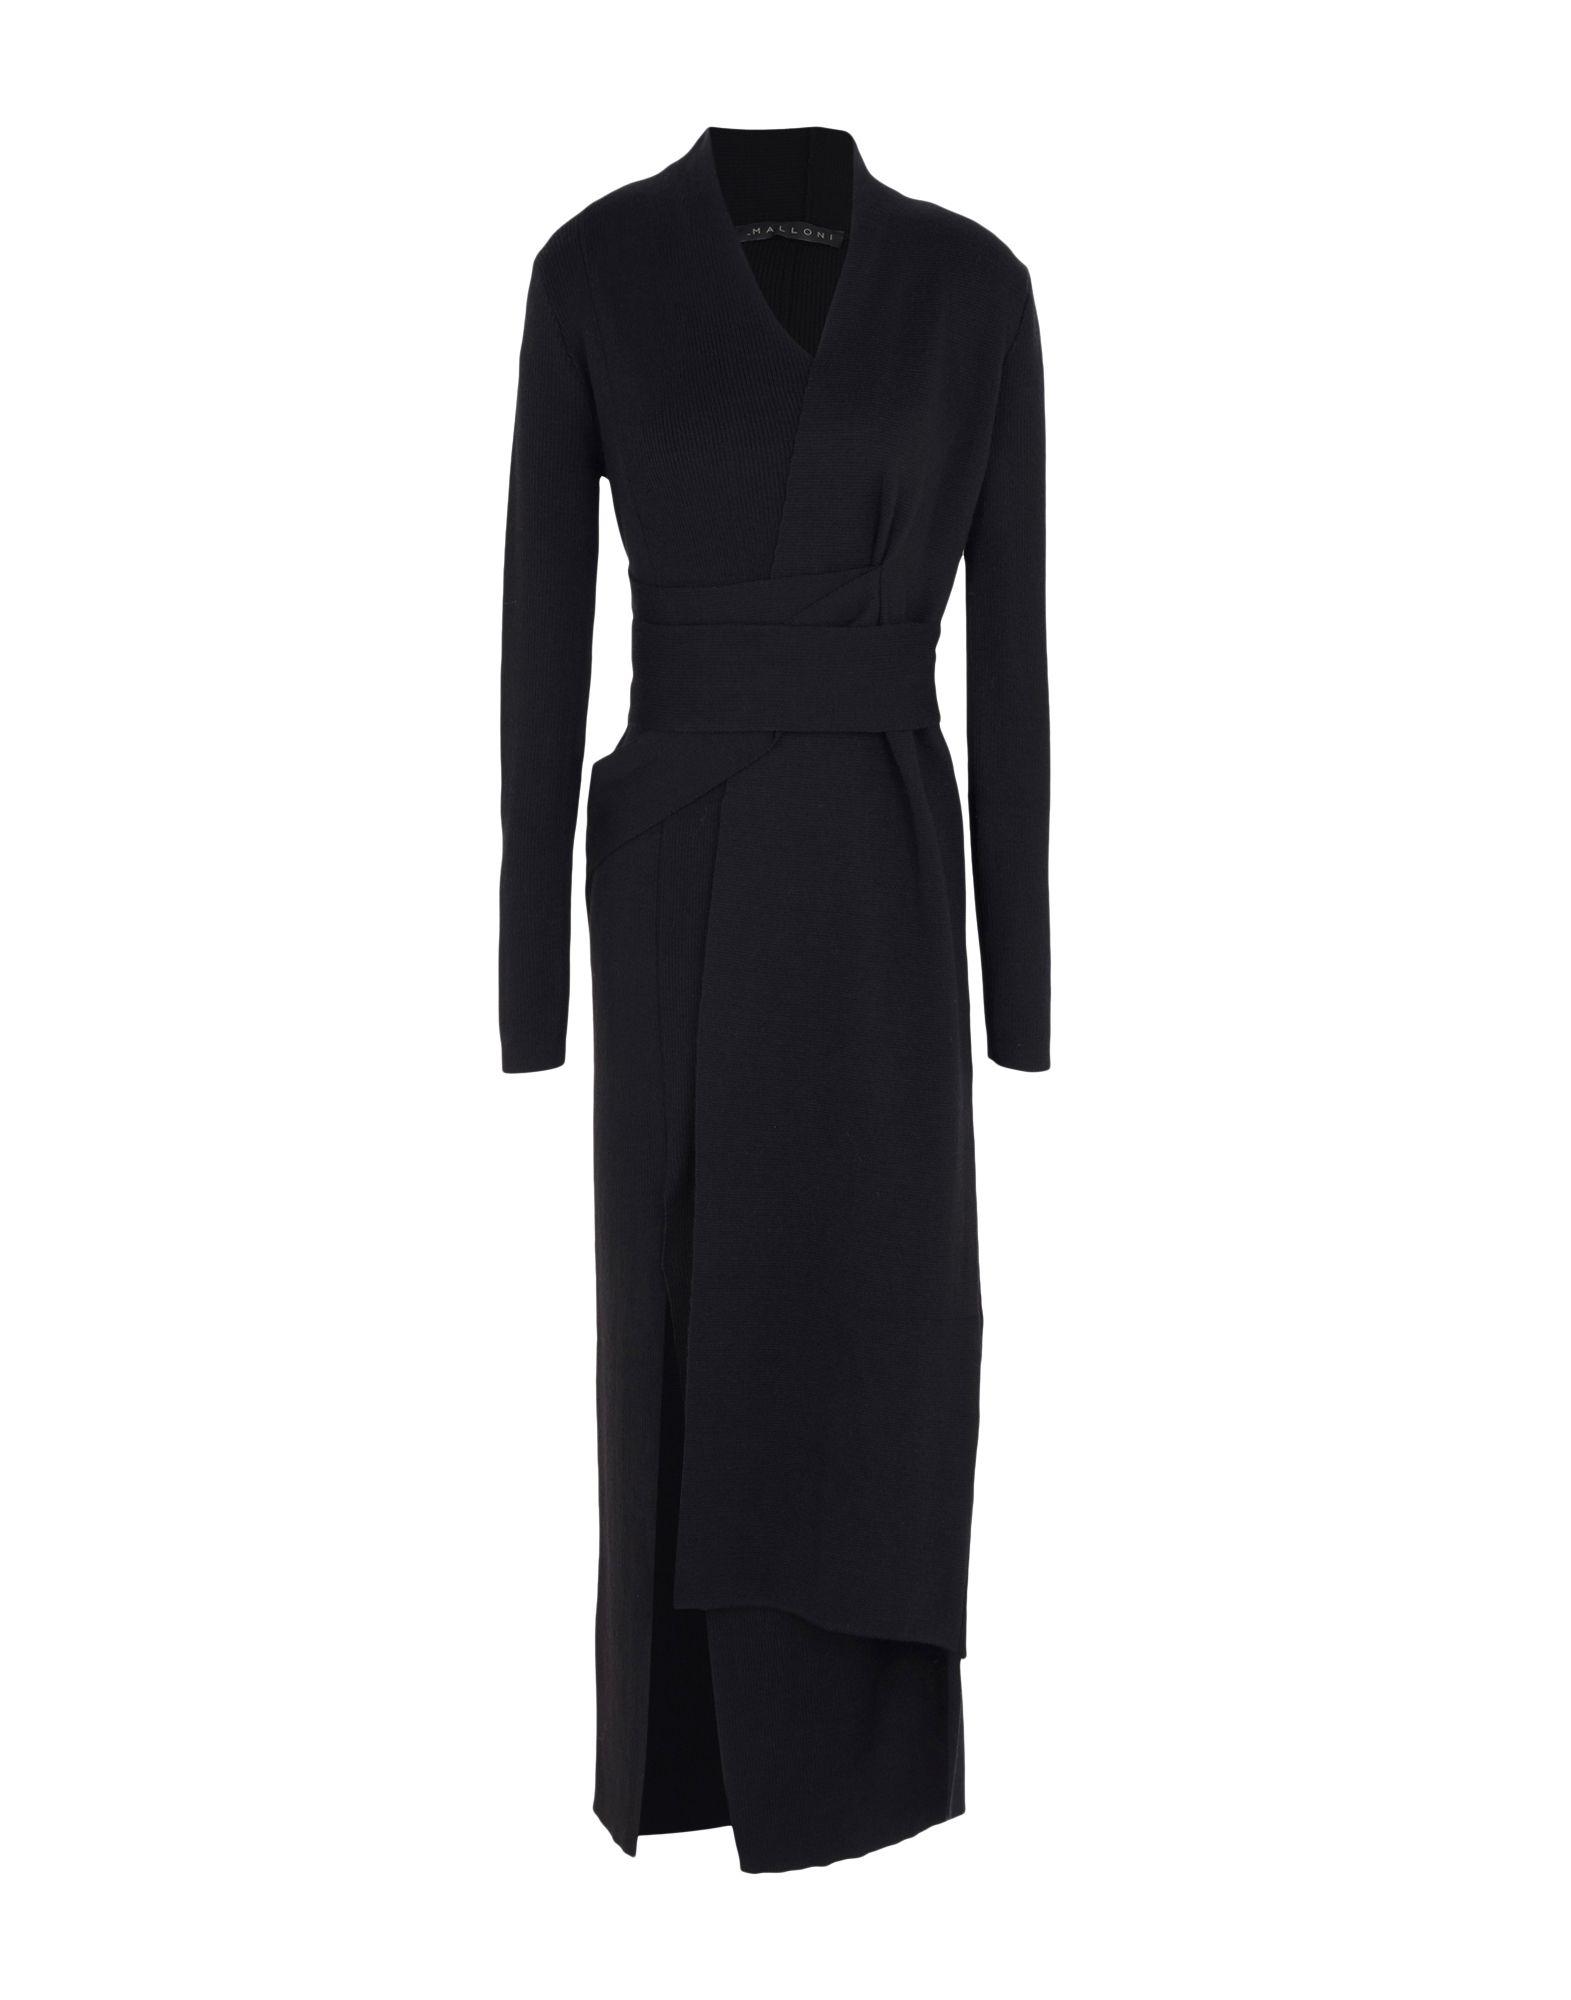 Vestito Lungo Malloni Donna - Acquista online su 7bfsSJkx